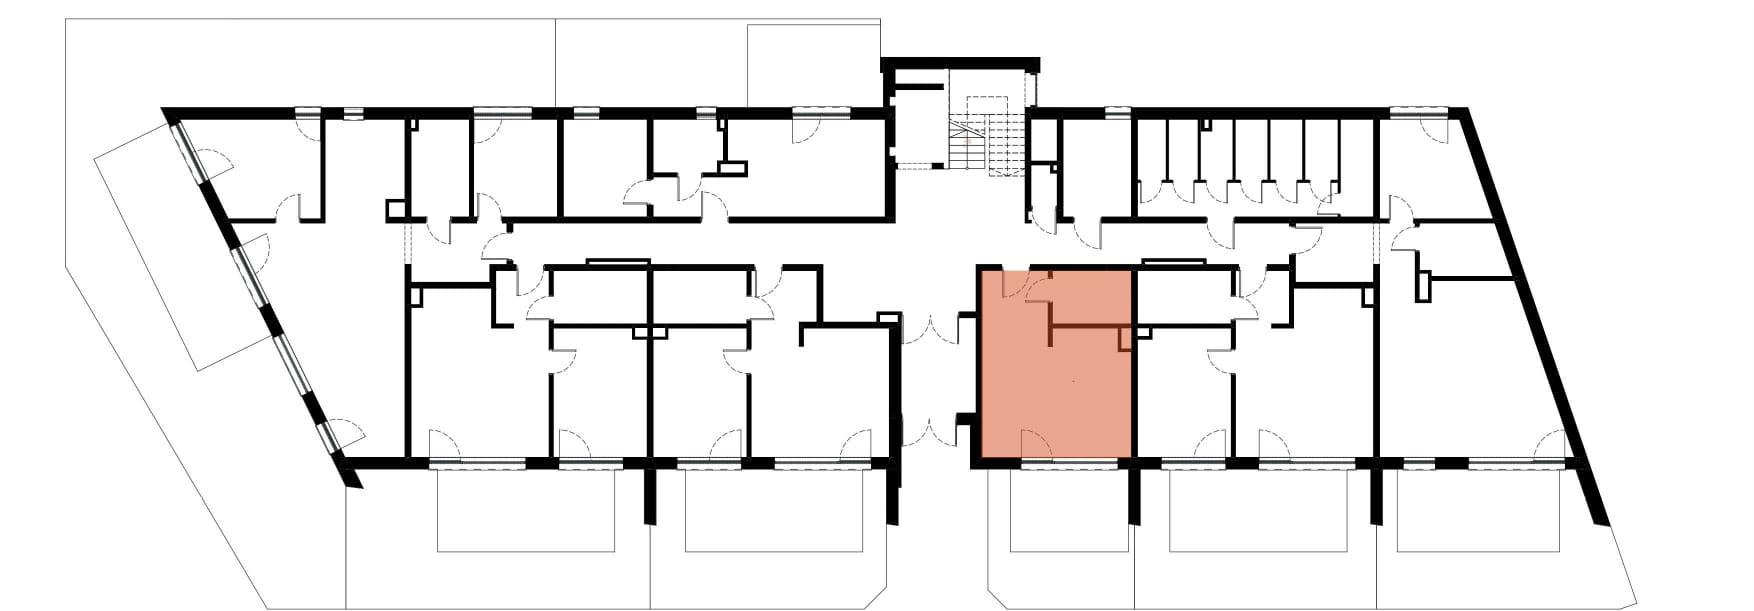 Apartamenty Kamienna / apartamenty inwestycyjne M03 rzut 2